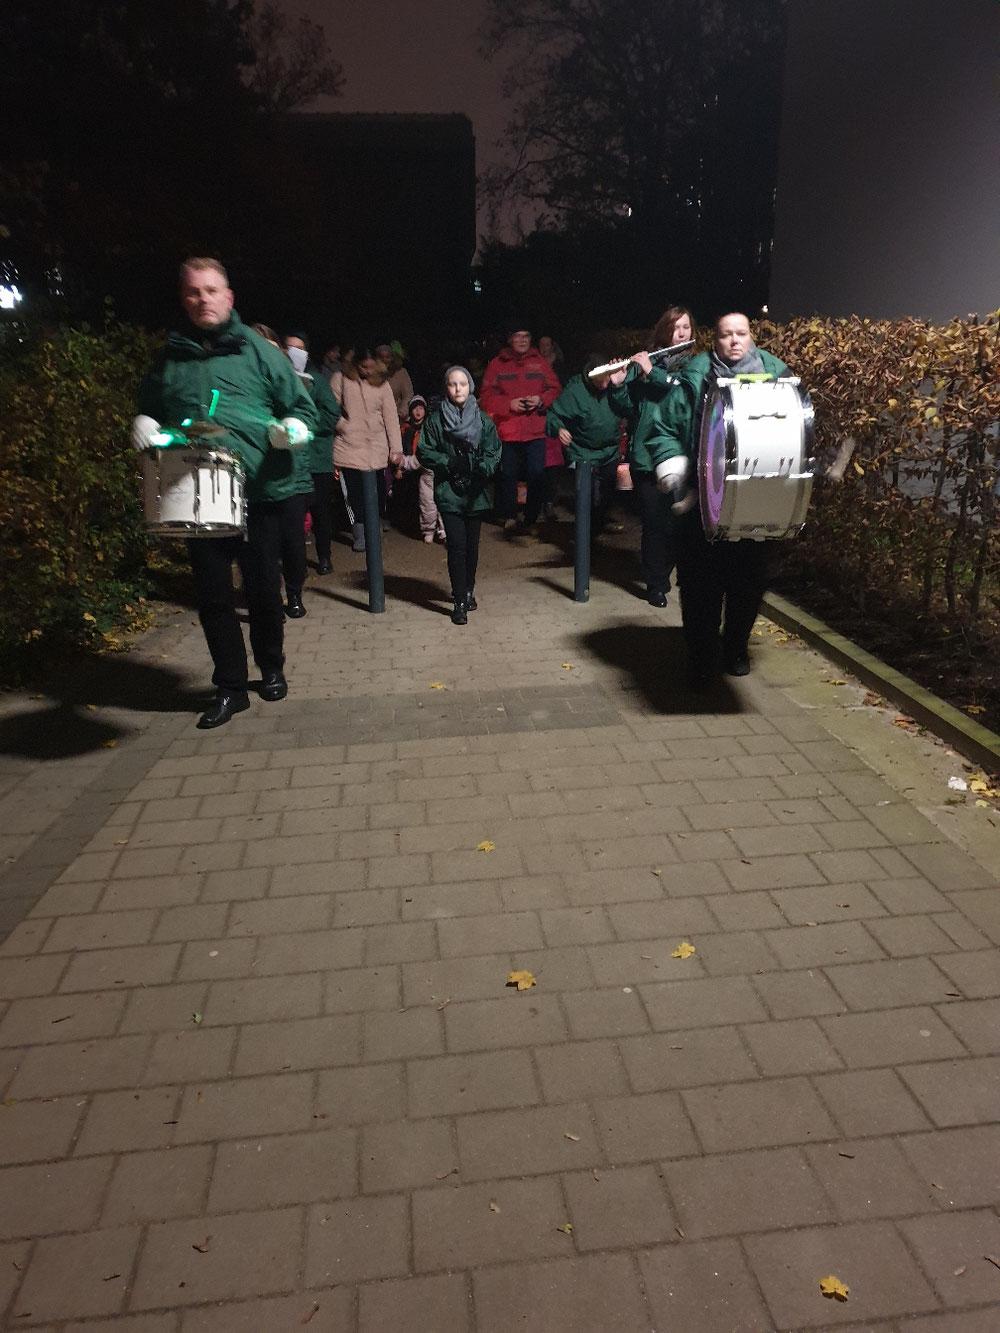 Laternenumzug in Othmarschen am 15.11.2019